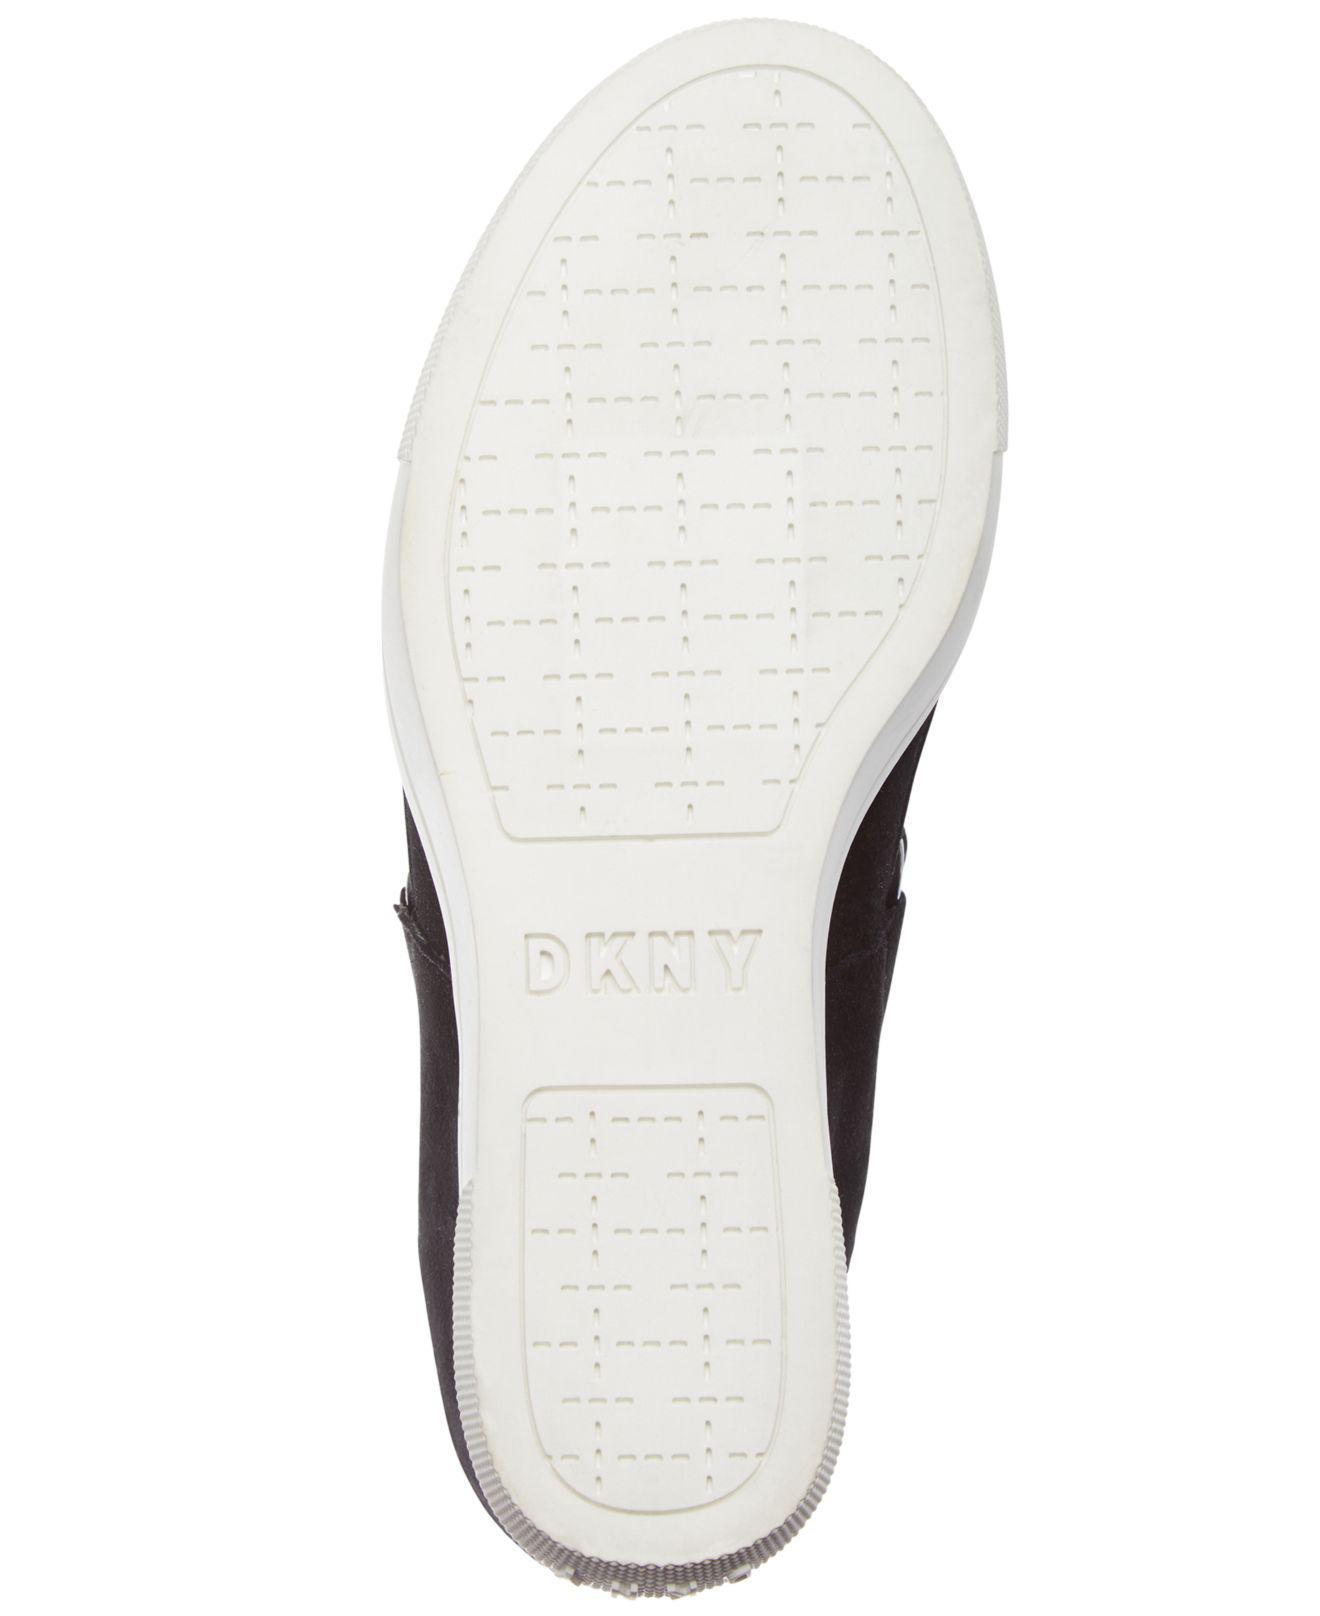 646fd1159484 DKNY - Black Cosmos Platform Sneakers